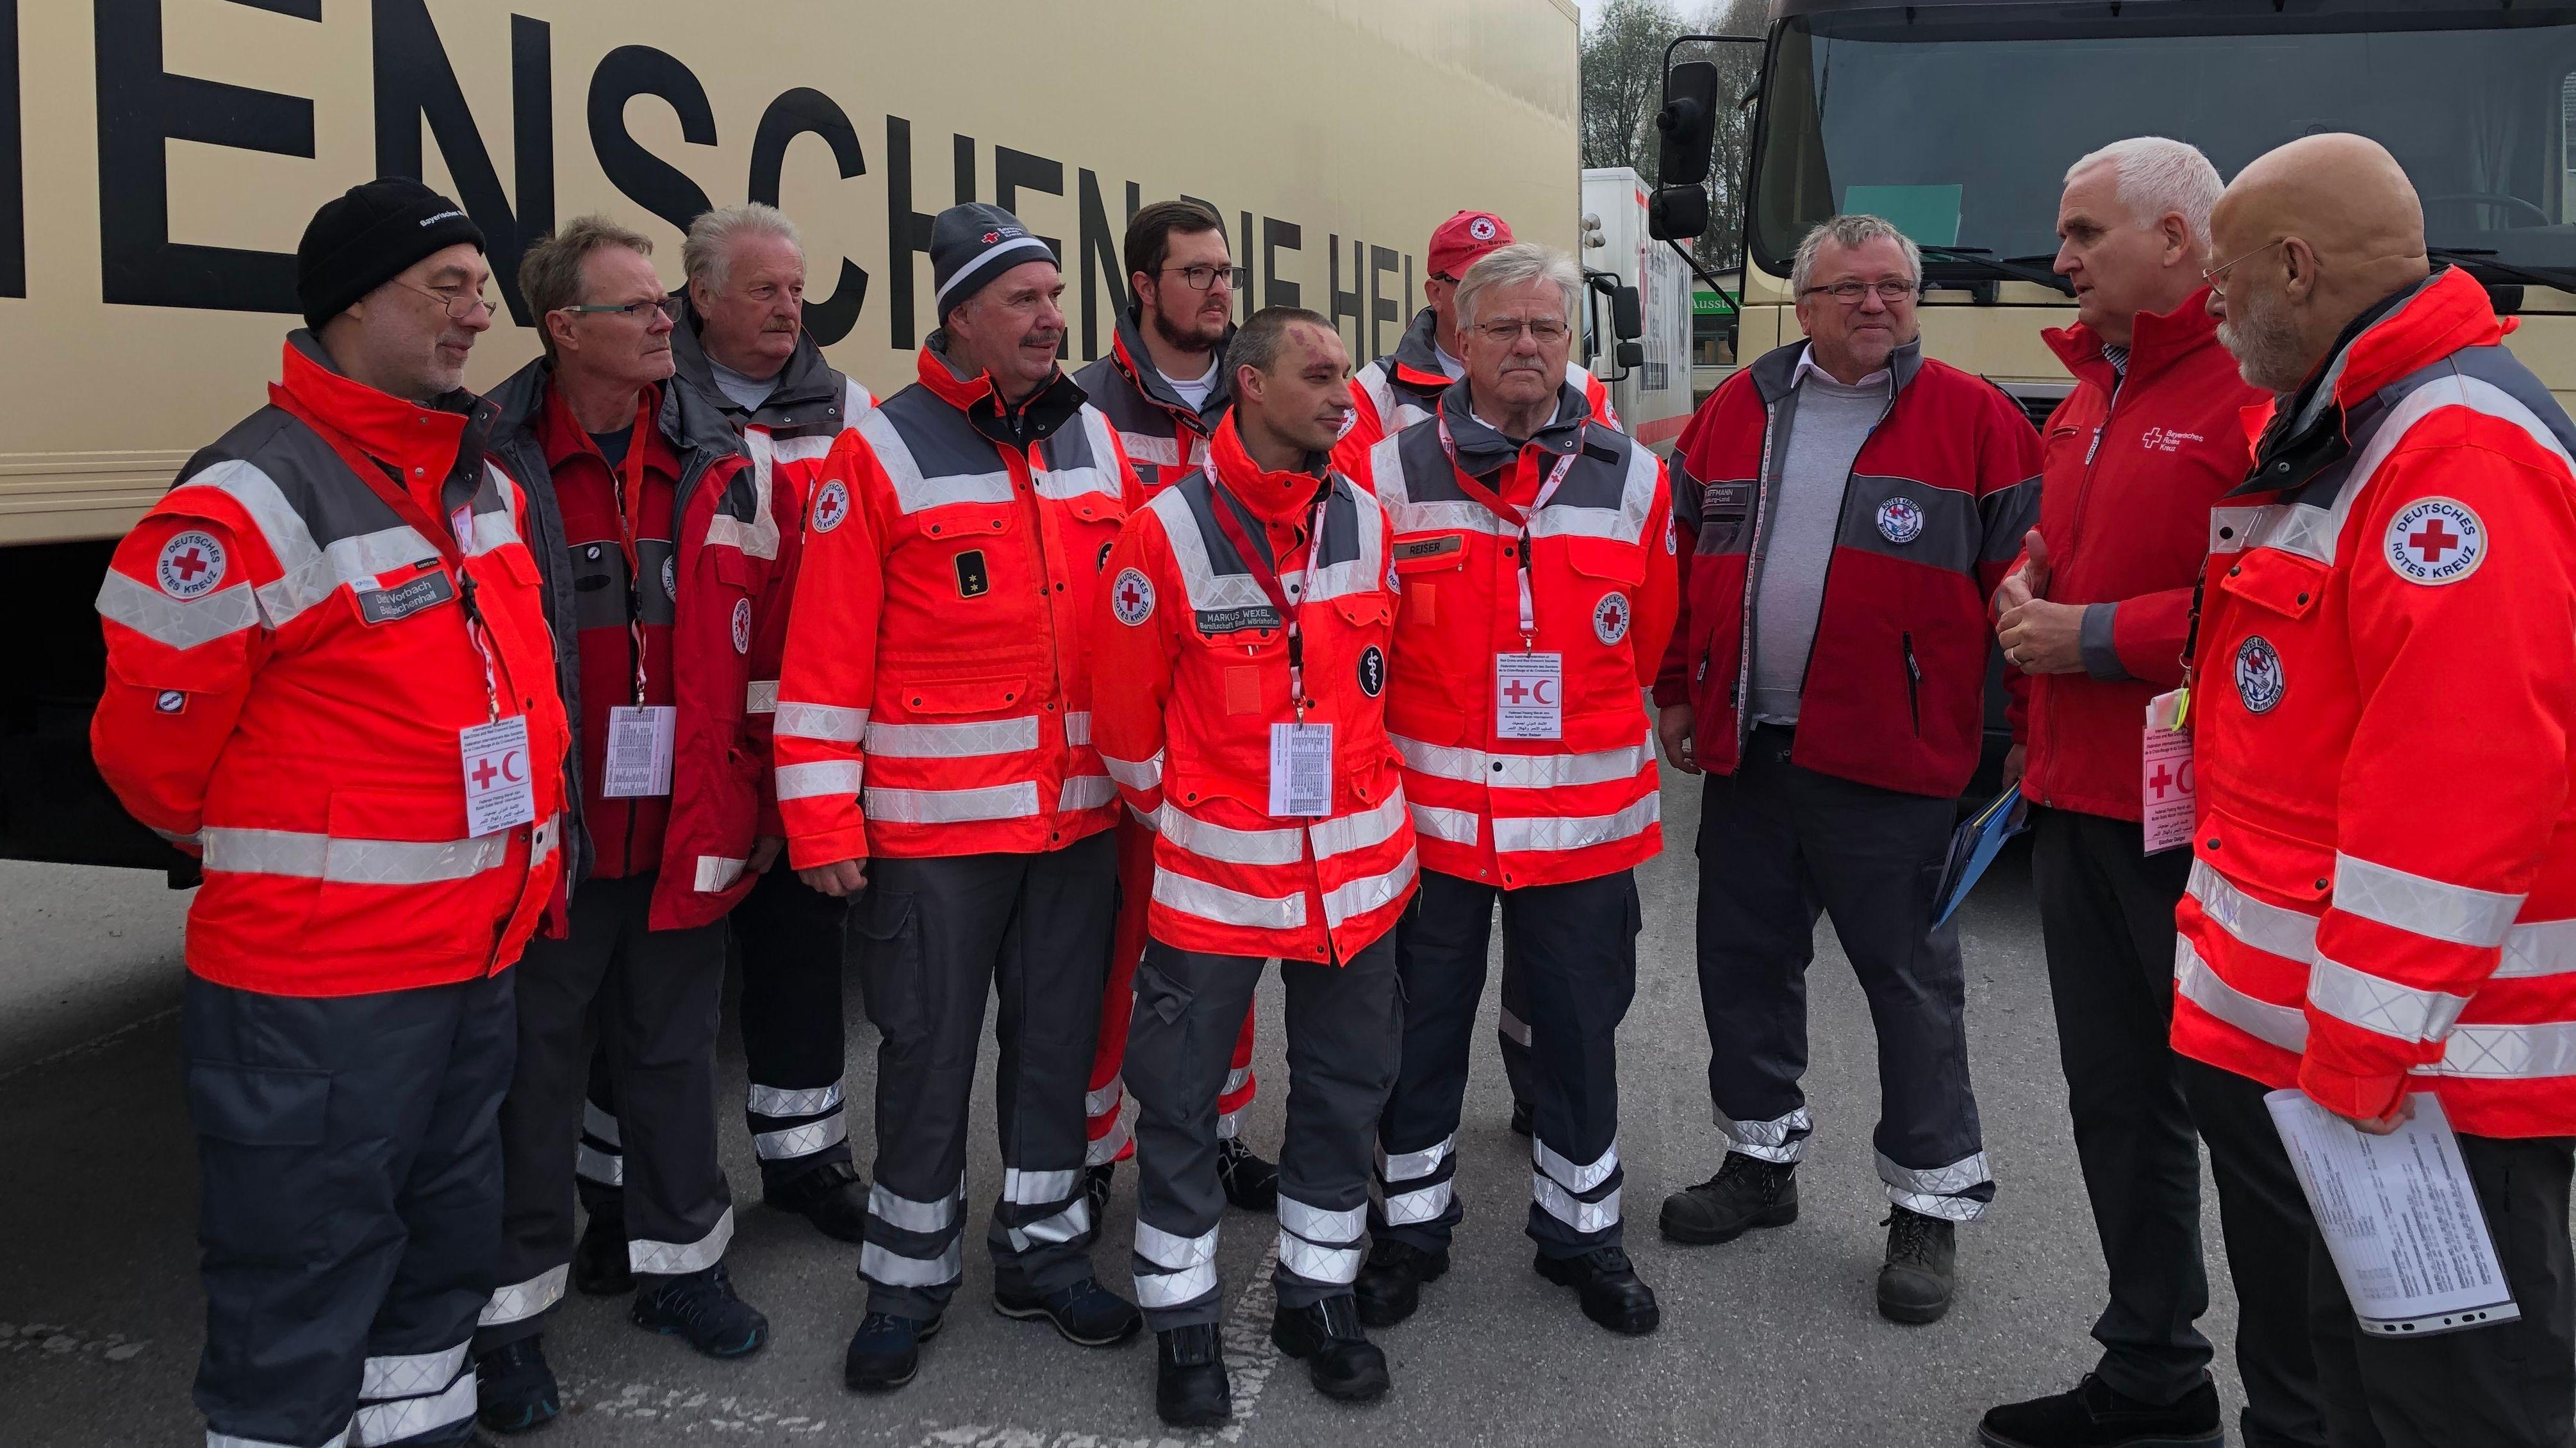 Mitarbeiter des Bayerischen Roten Kreuzes besprechen sich für die Fahrt nach Bosnien.